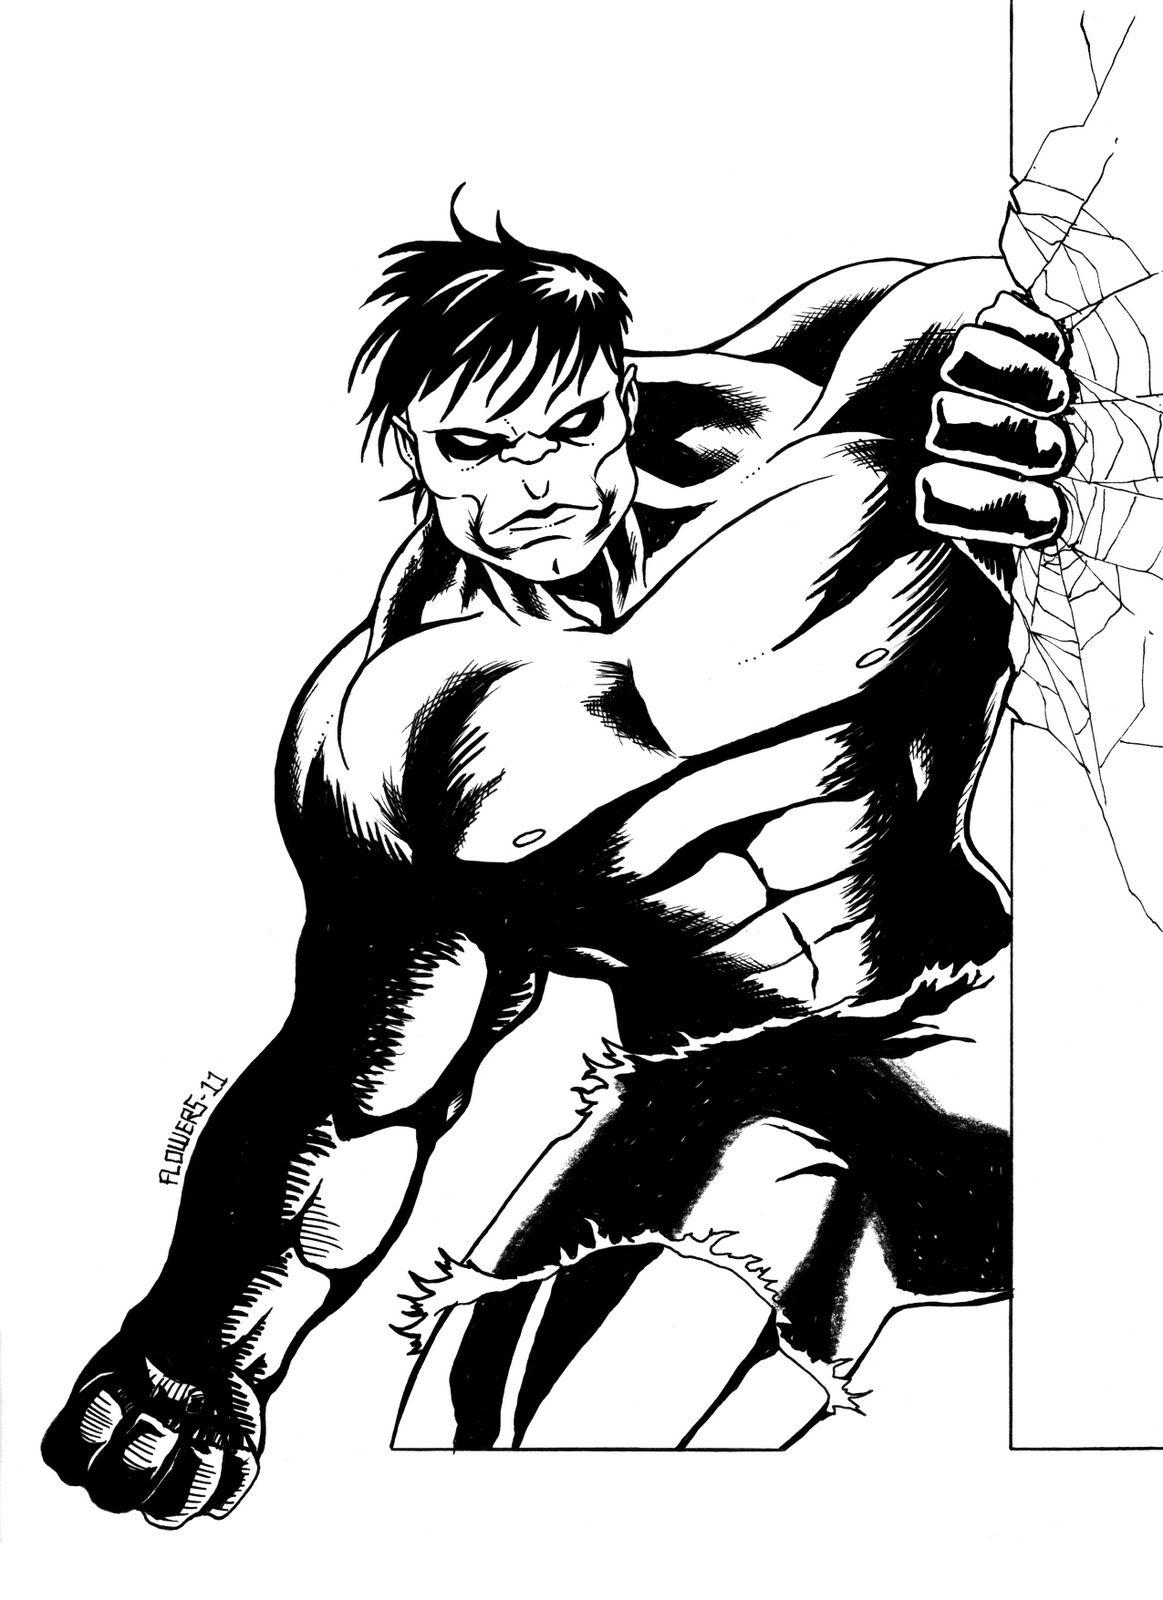 Hulk Tattoo Designs | MadSCAR